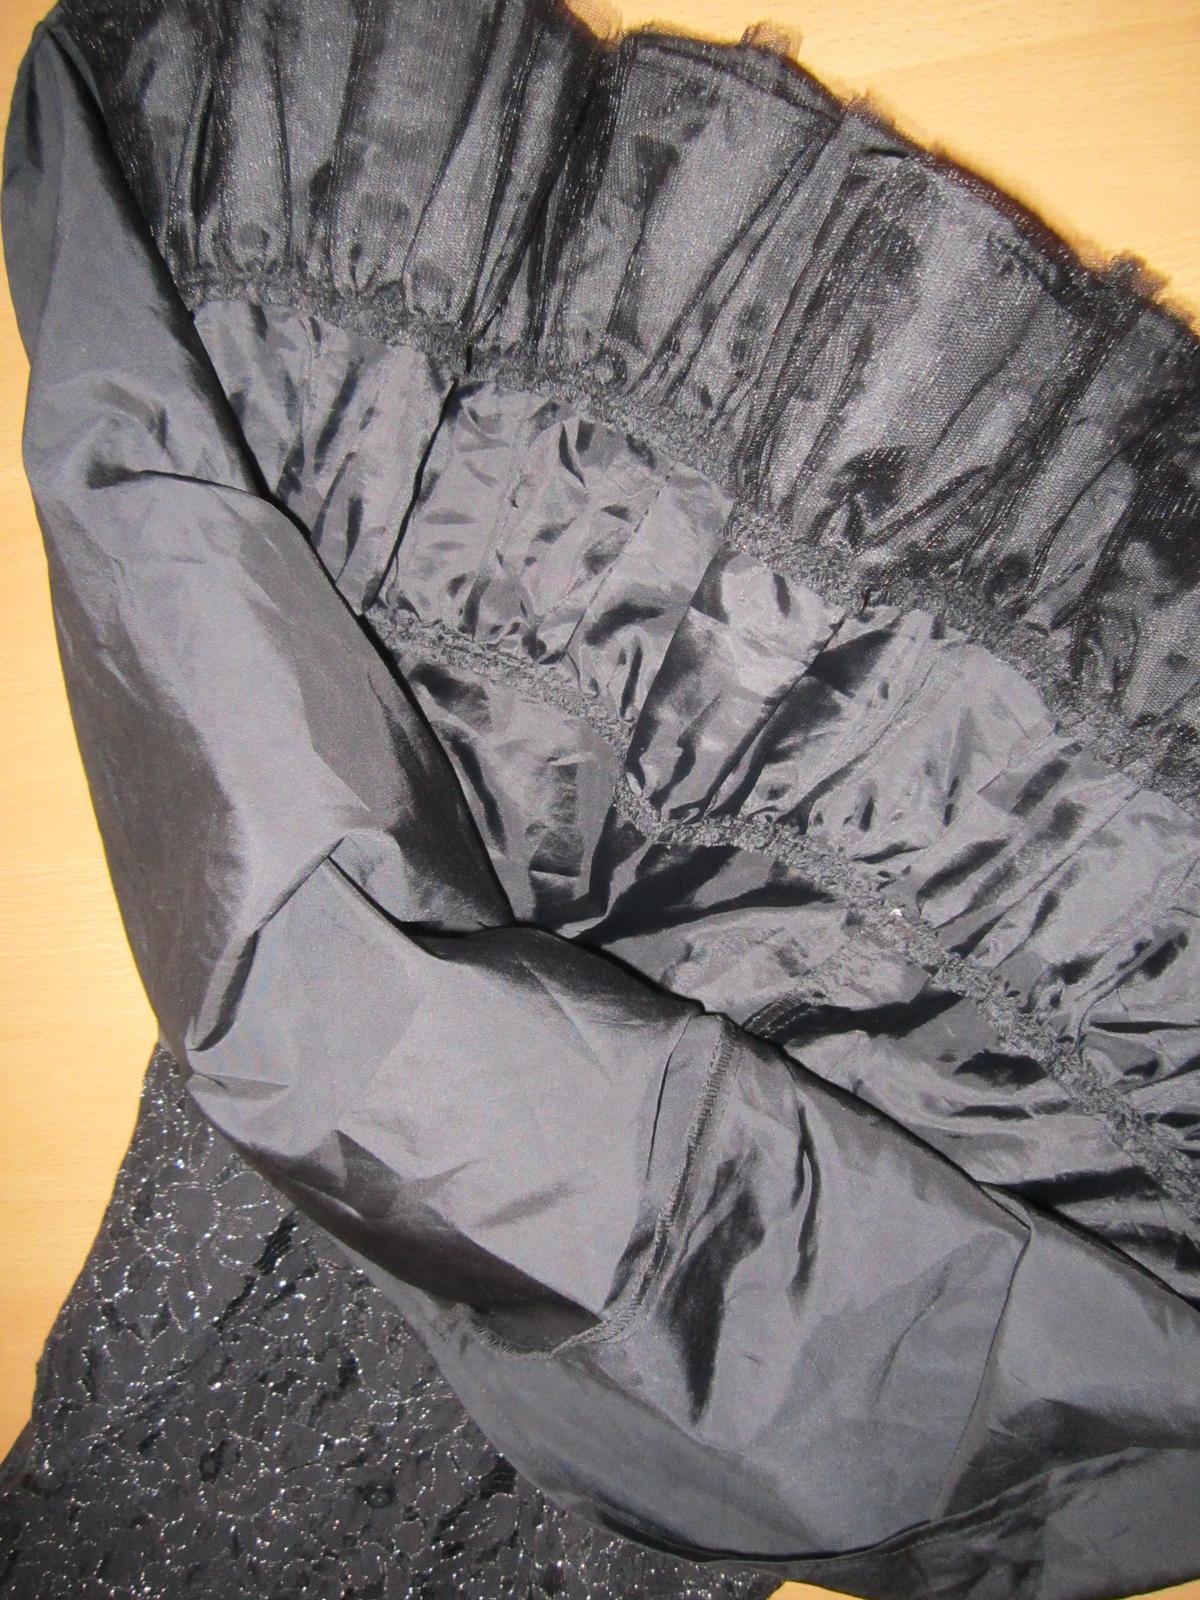 čierne sviatočné šatičky - Obrázok č. 4